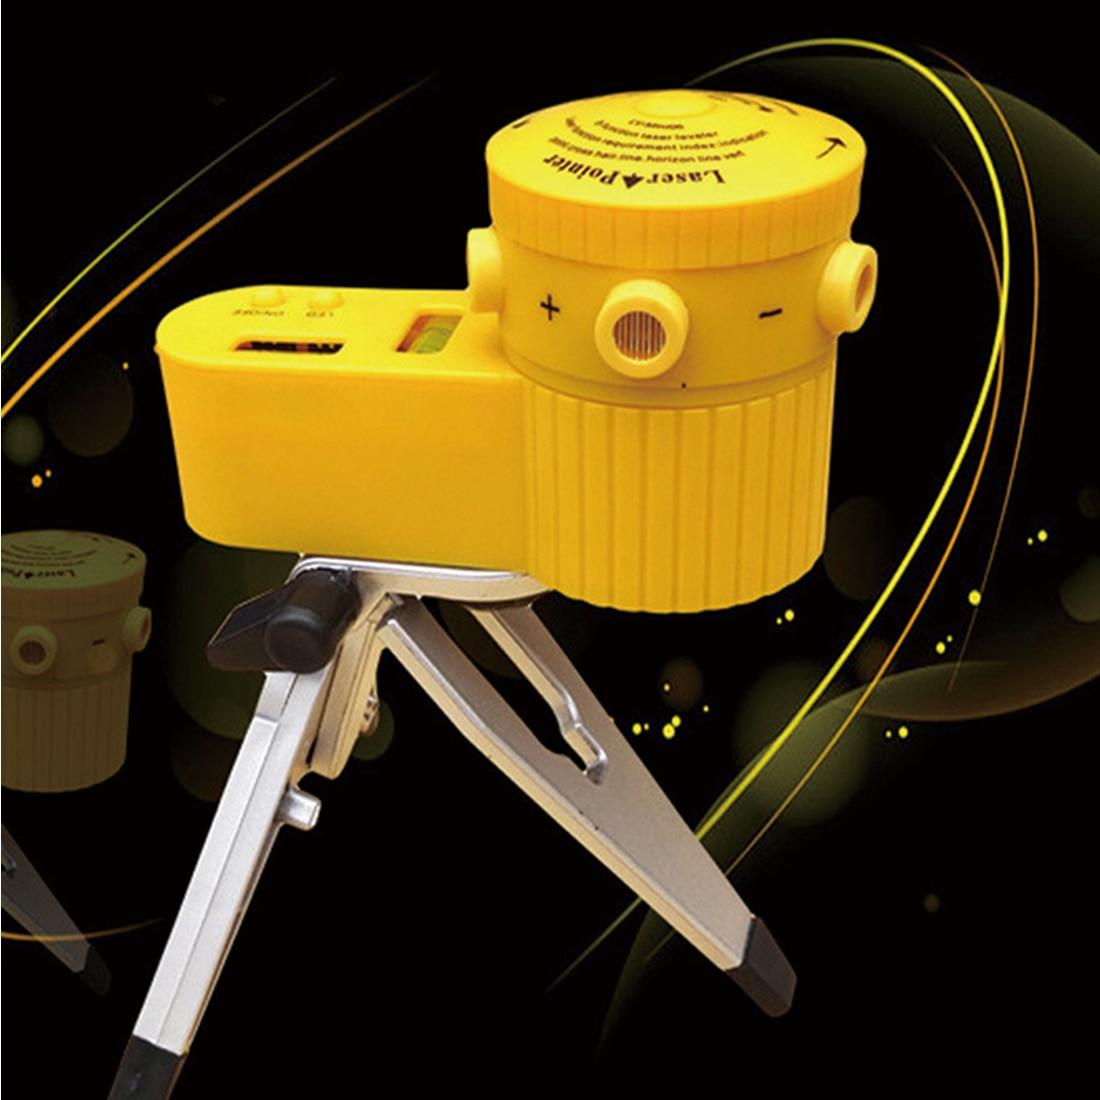 Laser 1 PC Weltweit Multifunktions Kreuz Laser Level Leveler Vertikal Horizontal Line Tool Mit Stativ